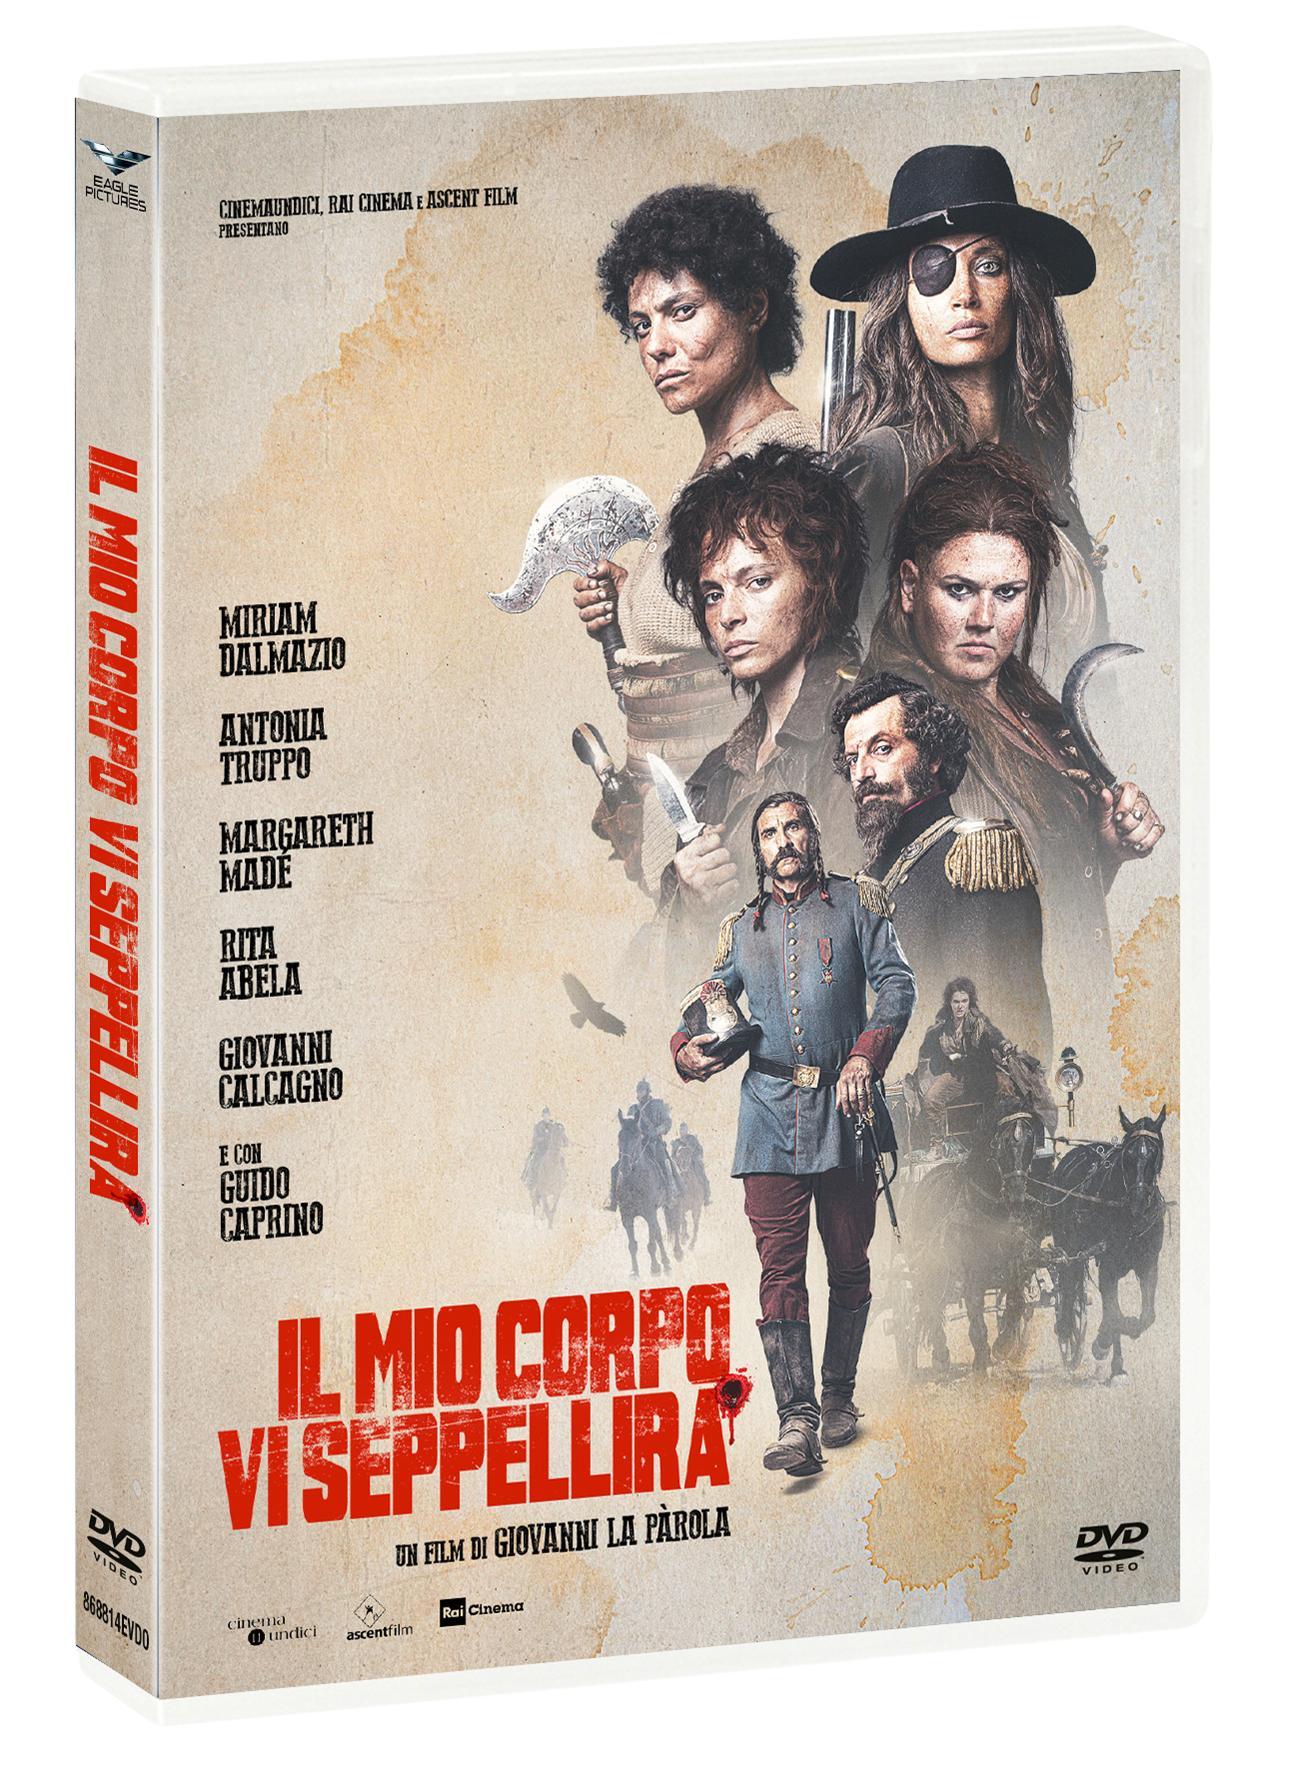 IL MIO CORPO VI SEPPELLIRA' (DVD)